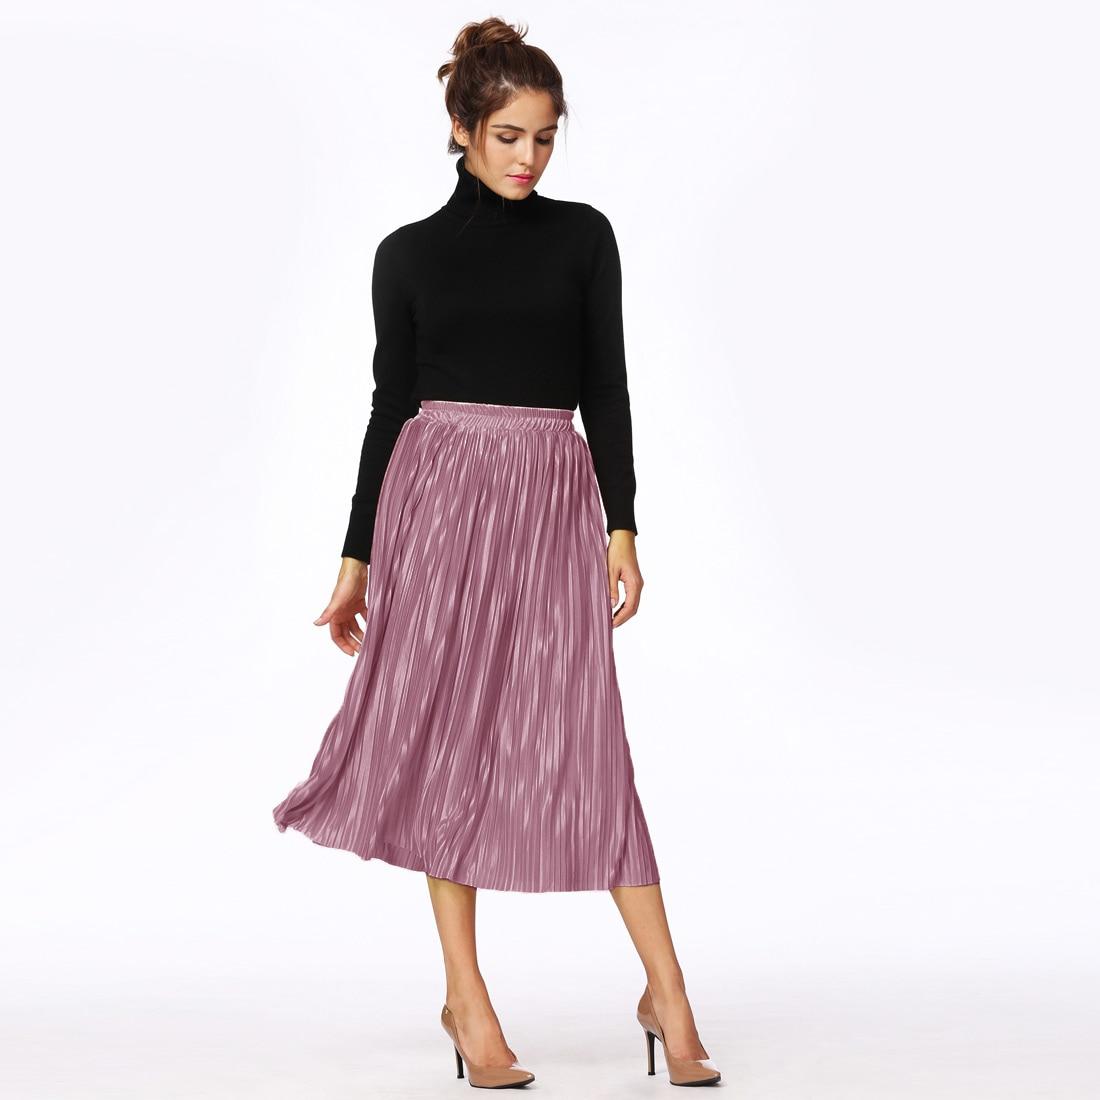 b04eaef44a Ladies Metallic Pleated Skirt